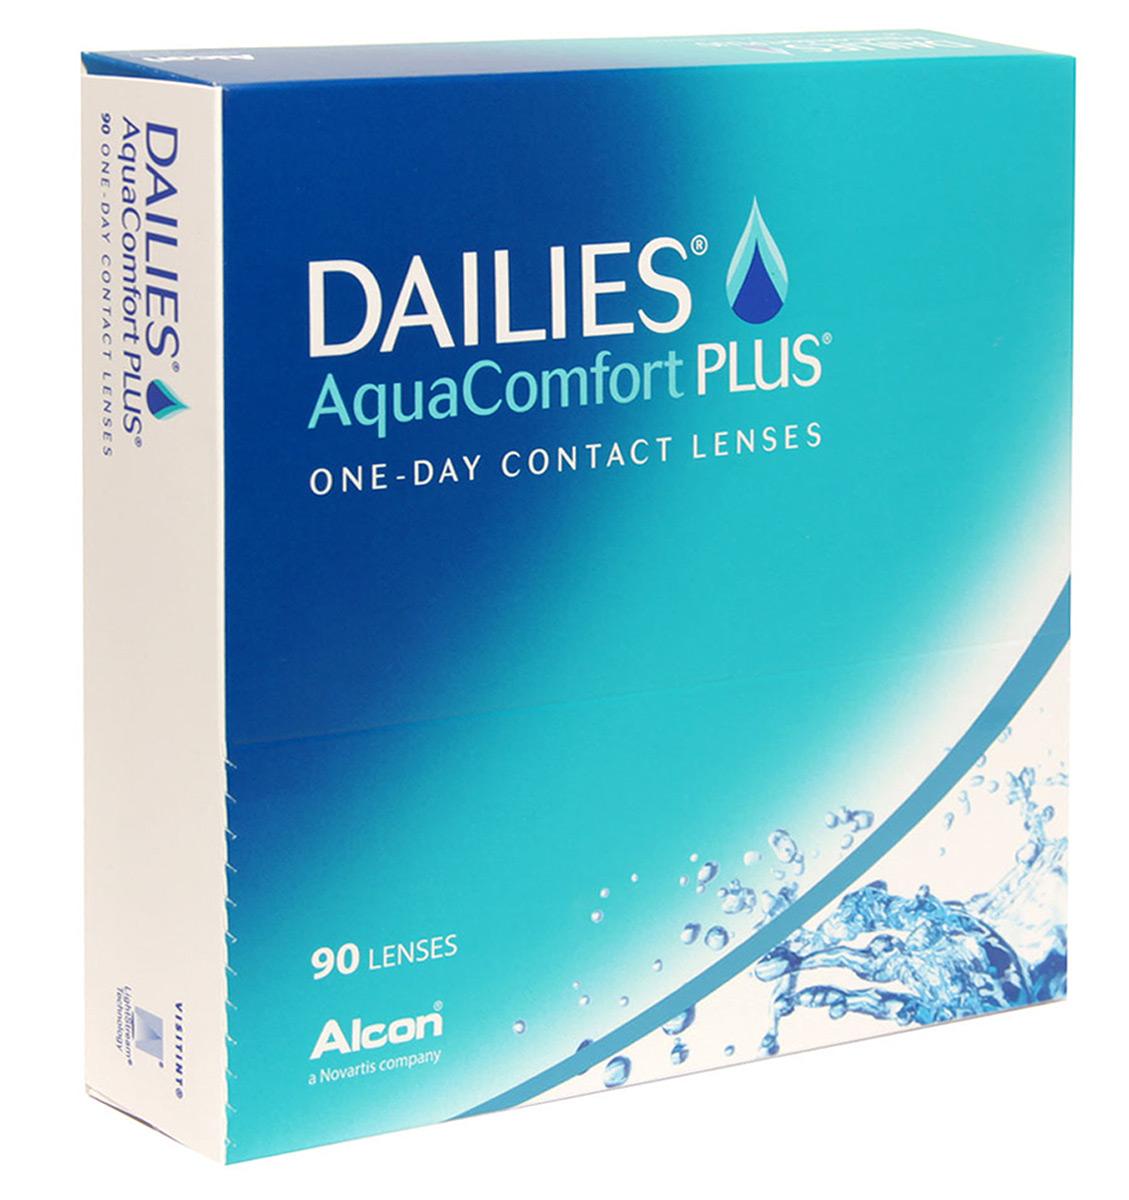 Alcon-CIBA Vision контактные линзы Dailies AquaComfort Plus (90шт / 8.7 / 14.0 / +1.75)31050Dailies Aqua Comfort Plus (90 блистеров) – это одни из самых популярных однодневных линз производства компании CIBA VISION. Эти линзы пользуются огромной популярностью во всем мире и являются на сегодняшний день самыми безопасными контактными линзами. Изготавливаются линзы из современного, 100% безопасного материала нелфилкон А. Особенность этого материала в том, что он легко пропускает воздух и хорошо сохраняет влагу. Однодневные контактные линзы Dailies Aqua Comfort Plus не нуждаются в дополнительном уходе и затратах, каждый день вы надеваете свежую пару линз. Дизайн линзы биосовместимый, что гарантирует безупречный комфорт. Самое главное достоинство Dailies Aqua Comfort Plus – это их уникальная система увлажнения. Благодаря этой разработке линзы увлажняются тремя различными агентами. Первый компонент, ухаживающий за линзами, находится в растворе, он как бы обволакивает линзу, обеспечивая чрезвычайно комфортное надевание. Второй агент выделяется на протяжении всего дня, он непрерывно смачивает линзы. Третий – увлажняющий агент, выделяется во время моргания, благодаря ему поддерживается постоянный комфорт. Также линзы имеют УФ-фильтр, который будет заботиться о ваших глазах. Dailies Aqua Comfort Plus одни из лучших линз в своей категории. Всемирно известная компания CIBAVISION, создавая эти контактные линзы, попыталась учесть все потребности пациентов и ей это удалось!Кривизна, Mm: /8.7/.Оптическая сила,mm: +1.75.Содержание воды, %: 69.Контактные линзы или очки: советы офтальмологов. Статья OZON Гид